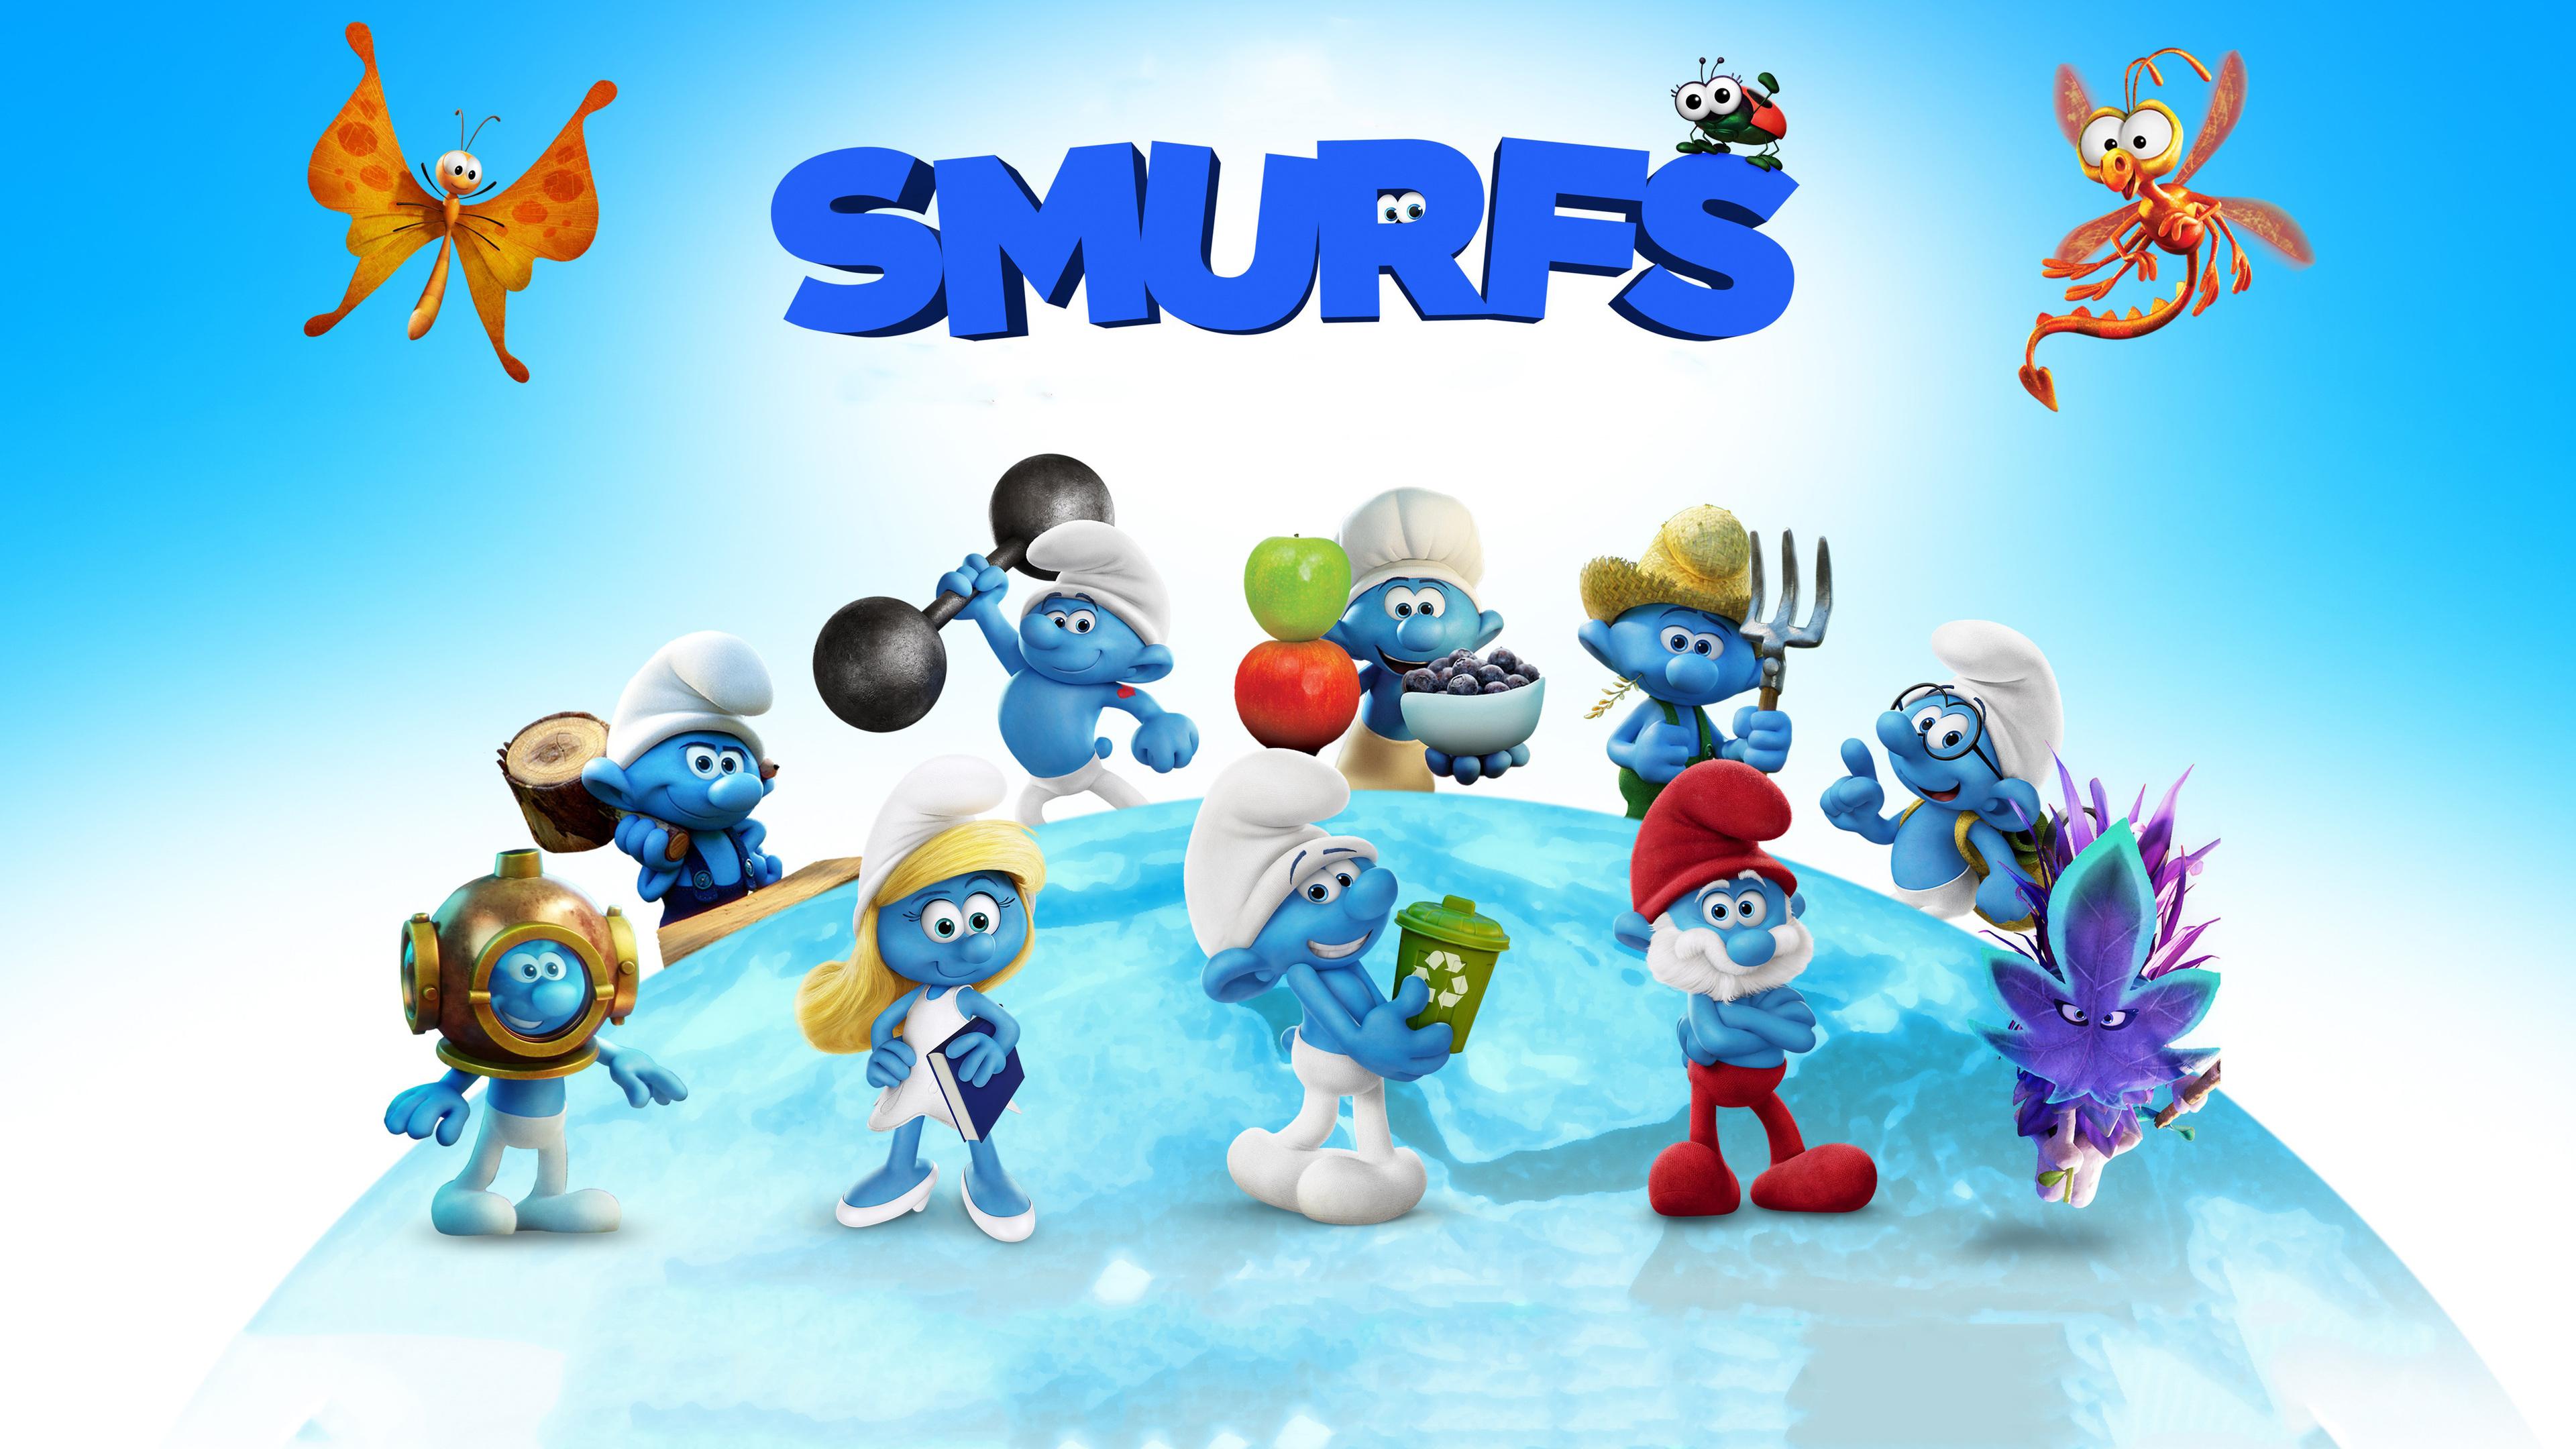 2017 smurfs the lost village movie 1536401473 - 2017 Smurfs The Lost Village Movie - smurfs wallpapers, smurfs the lost village wallpapers, movies wallpapers, animated movies wallpapers, 4k-wallpapers, 2017 movies wallpapers